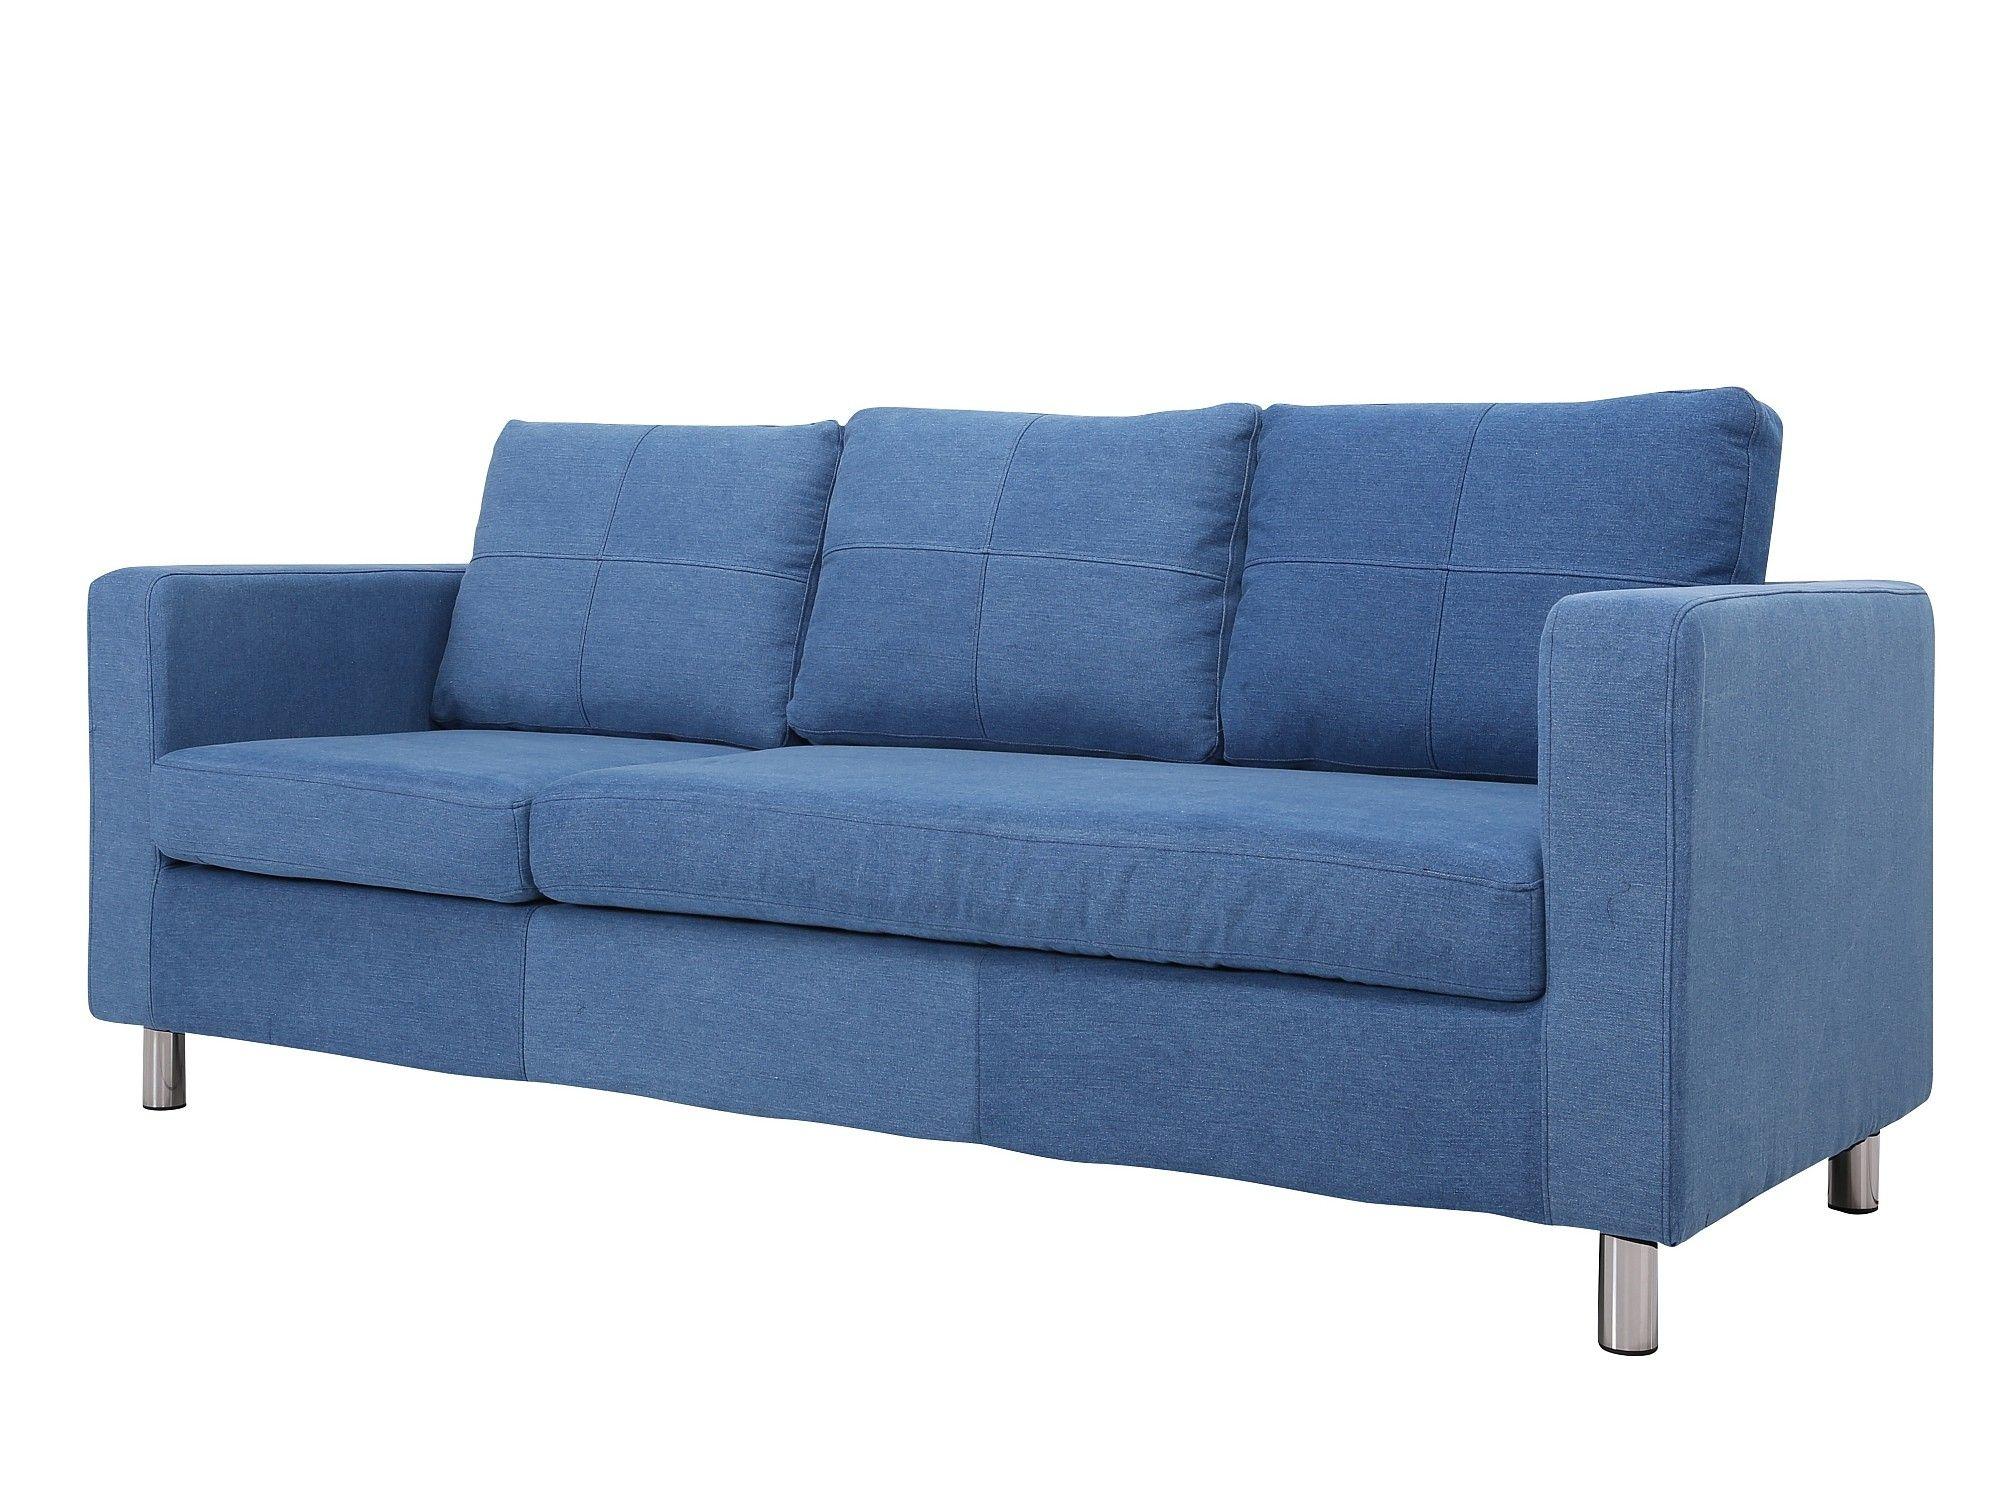 Sofa Ecksofa Sofa Couch Ecksofa 3 Sitzer Catwalk Mit Hocker Longchair Ledersofa Xxl U Form Wohnzimmer Couch Sofa Big Ledercouch Sofa Couch Ecksofa 3 Sitzer